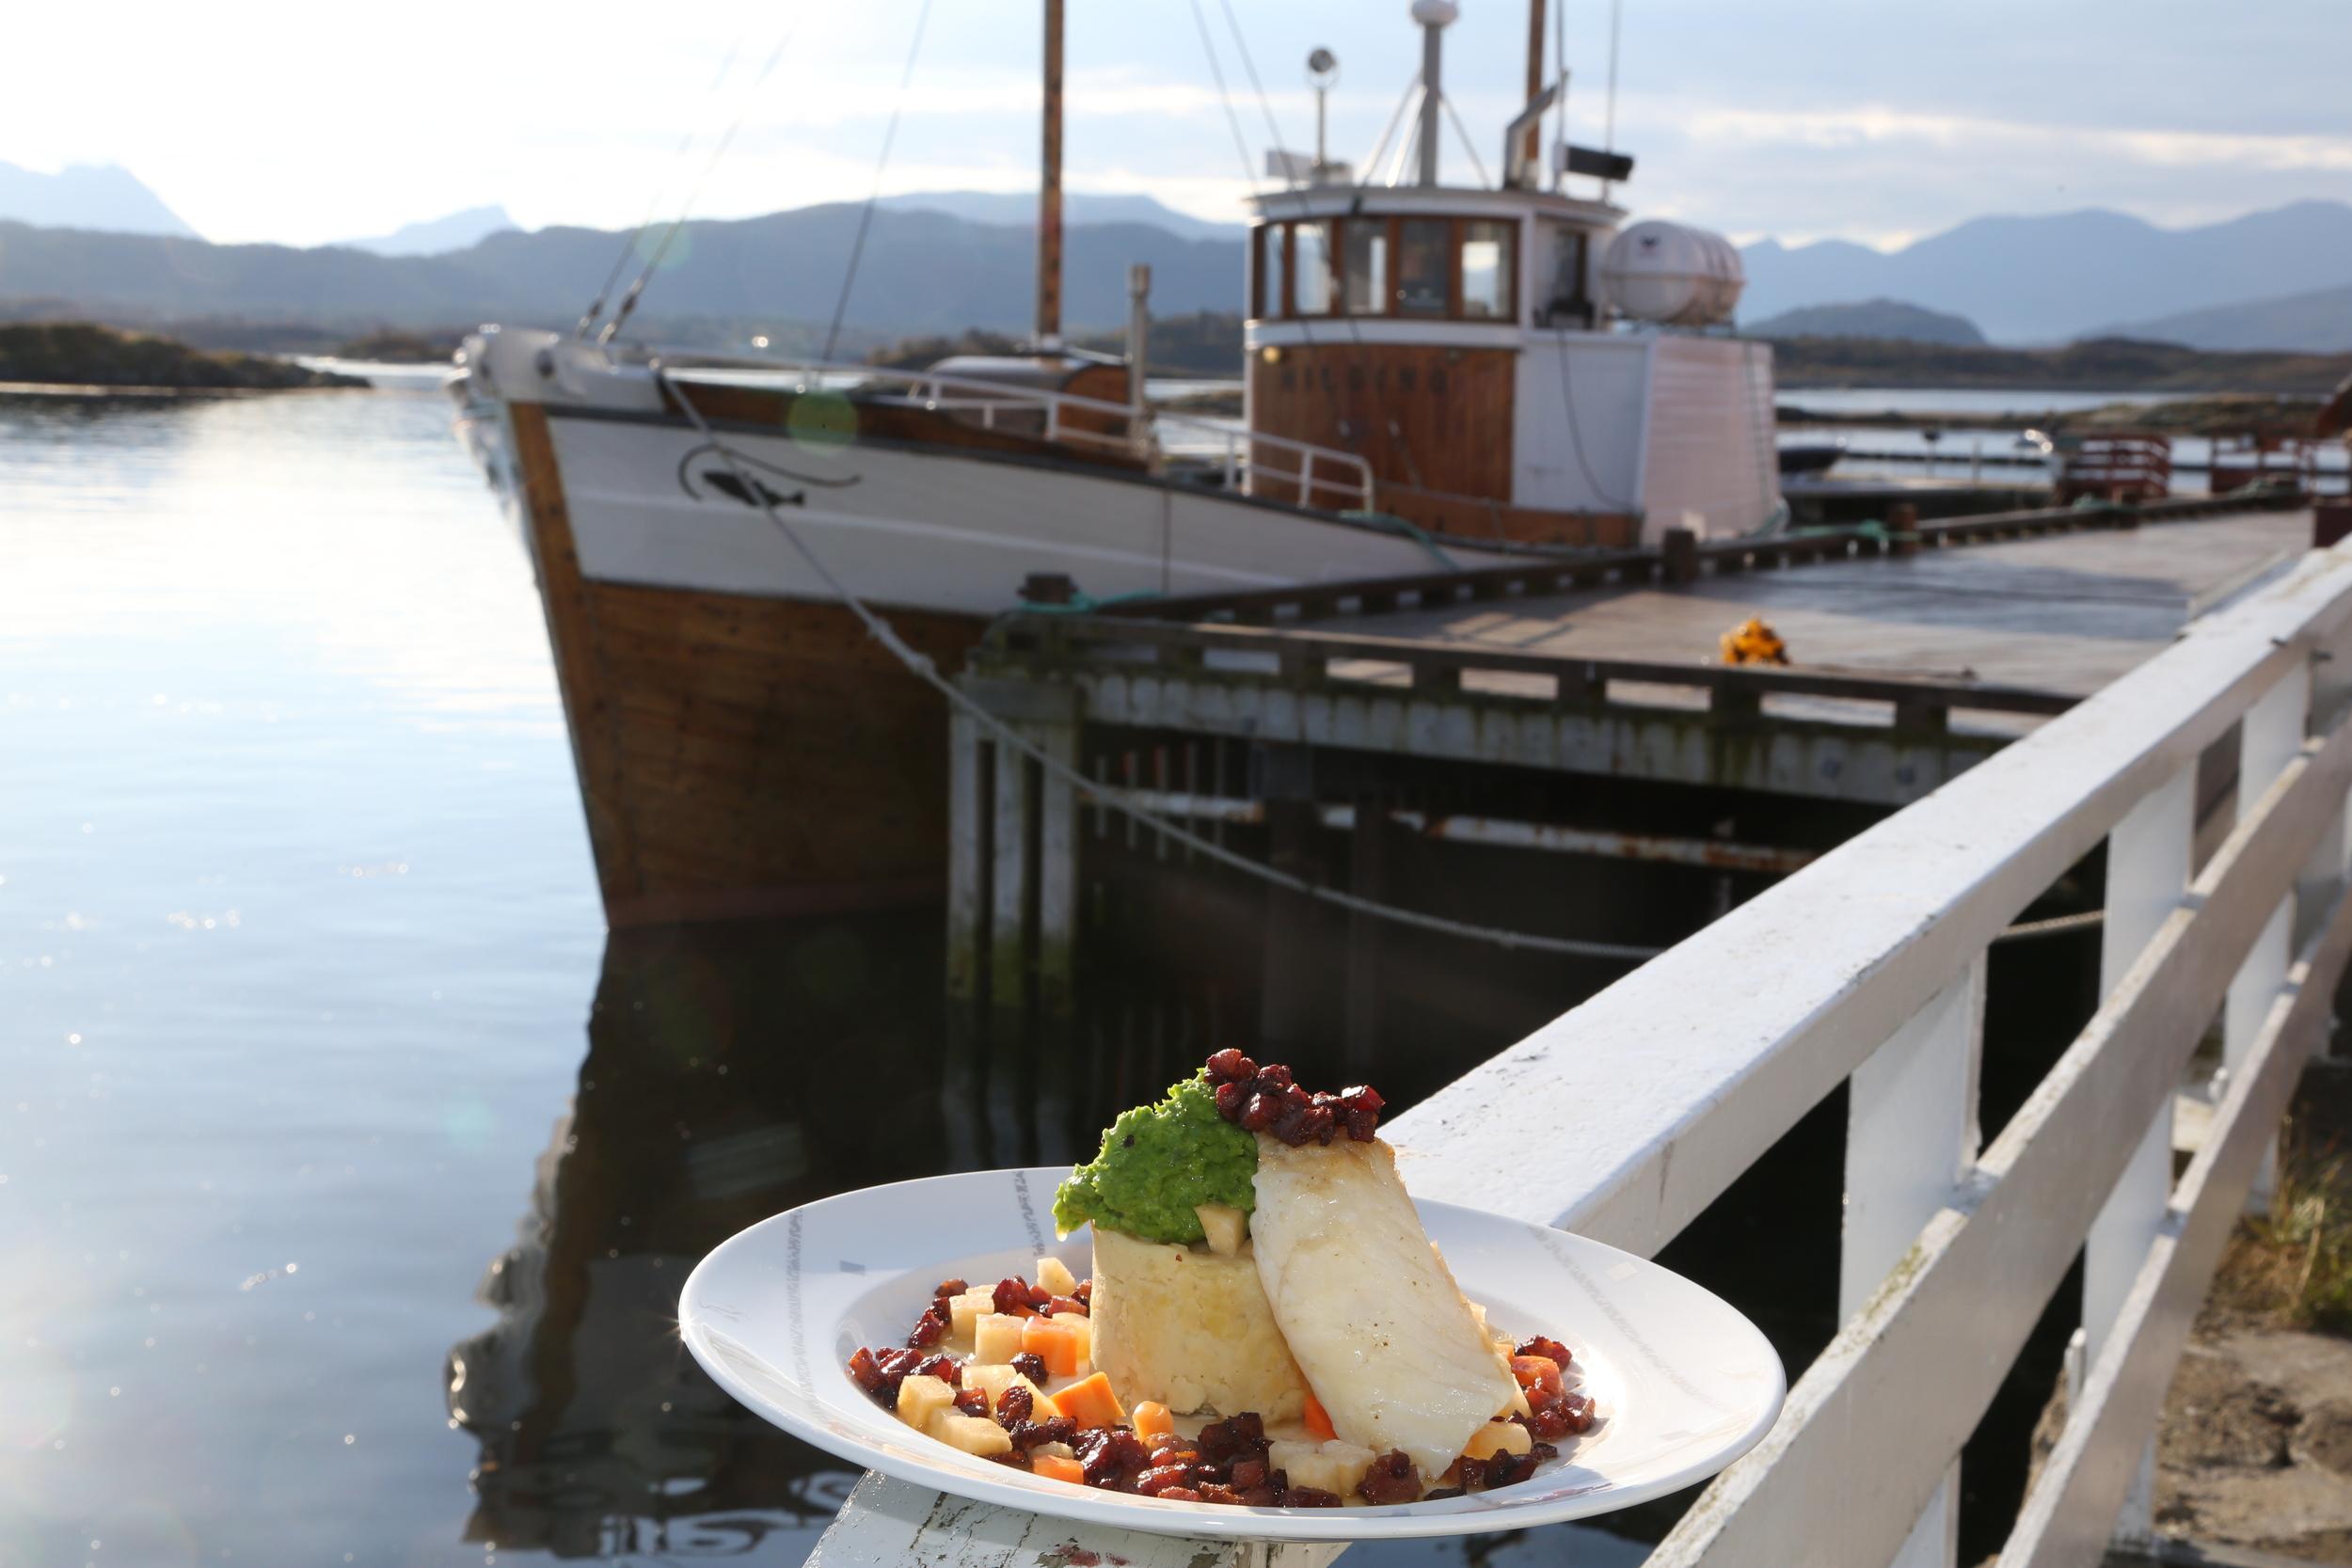 Klippfisk fra Håholmen. Deilig mat i lekre omgivelser. Foto: Odd Roar Lange